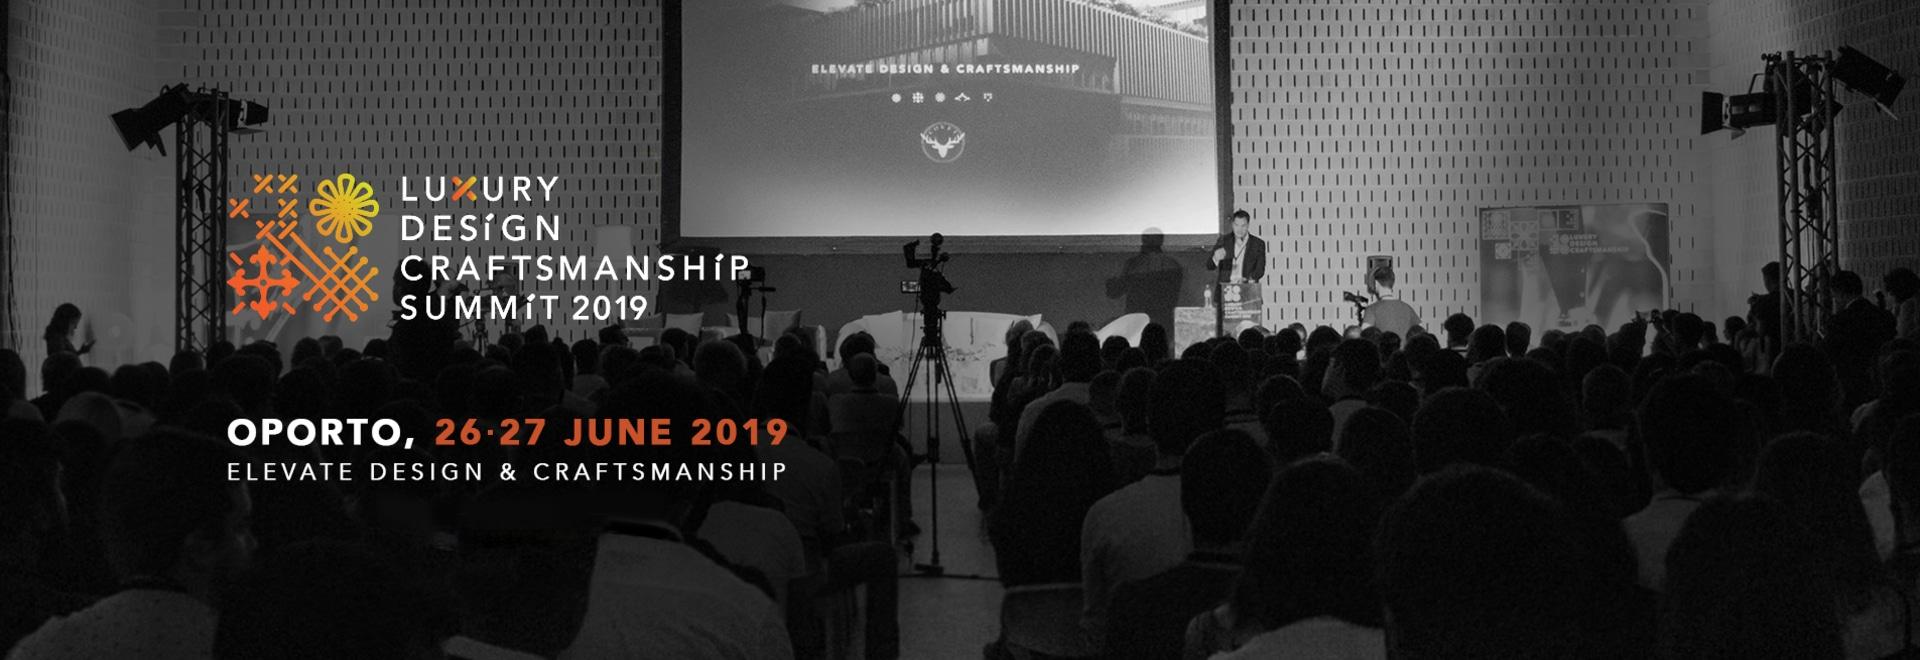 Luxury Design + Craftsmanship Summit 2019